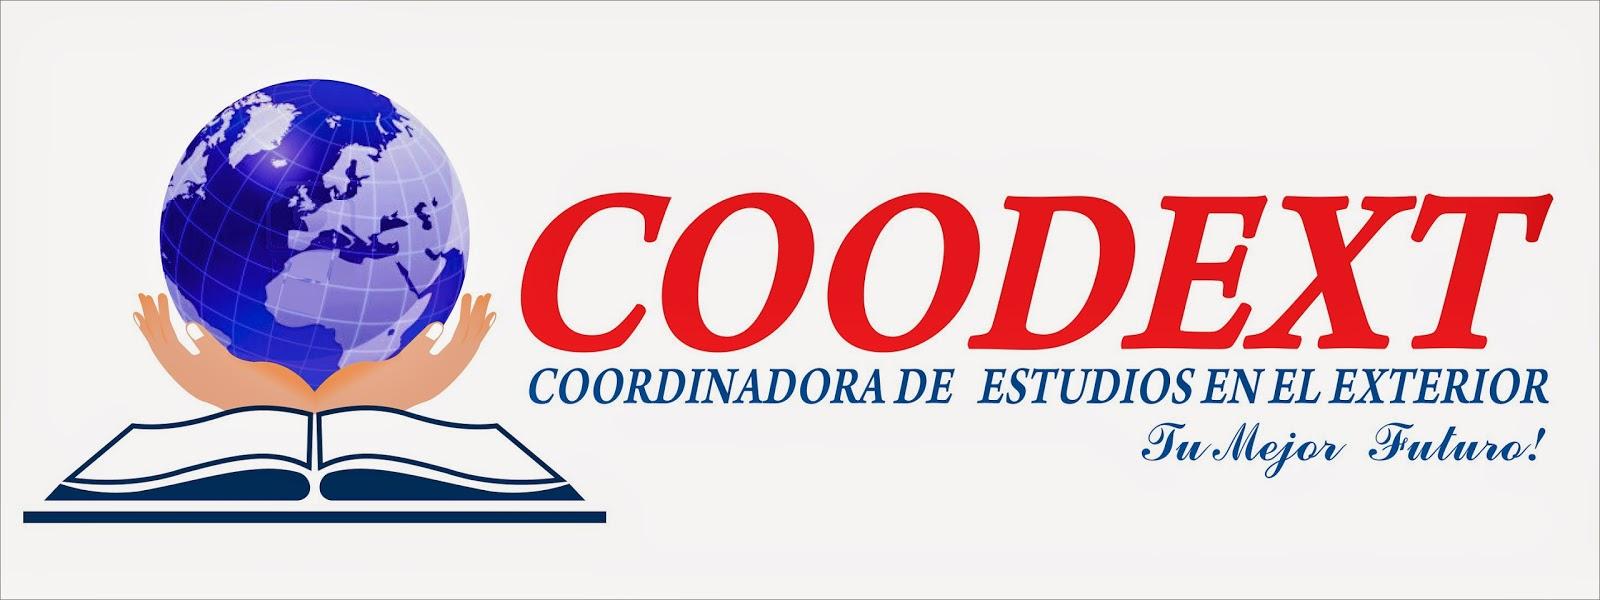 Coodext Coordinadora De Estudios En El Exterior